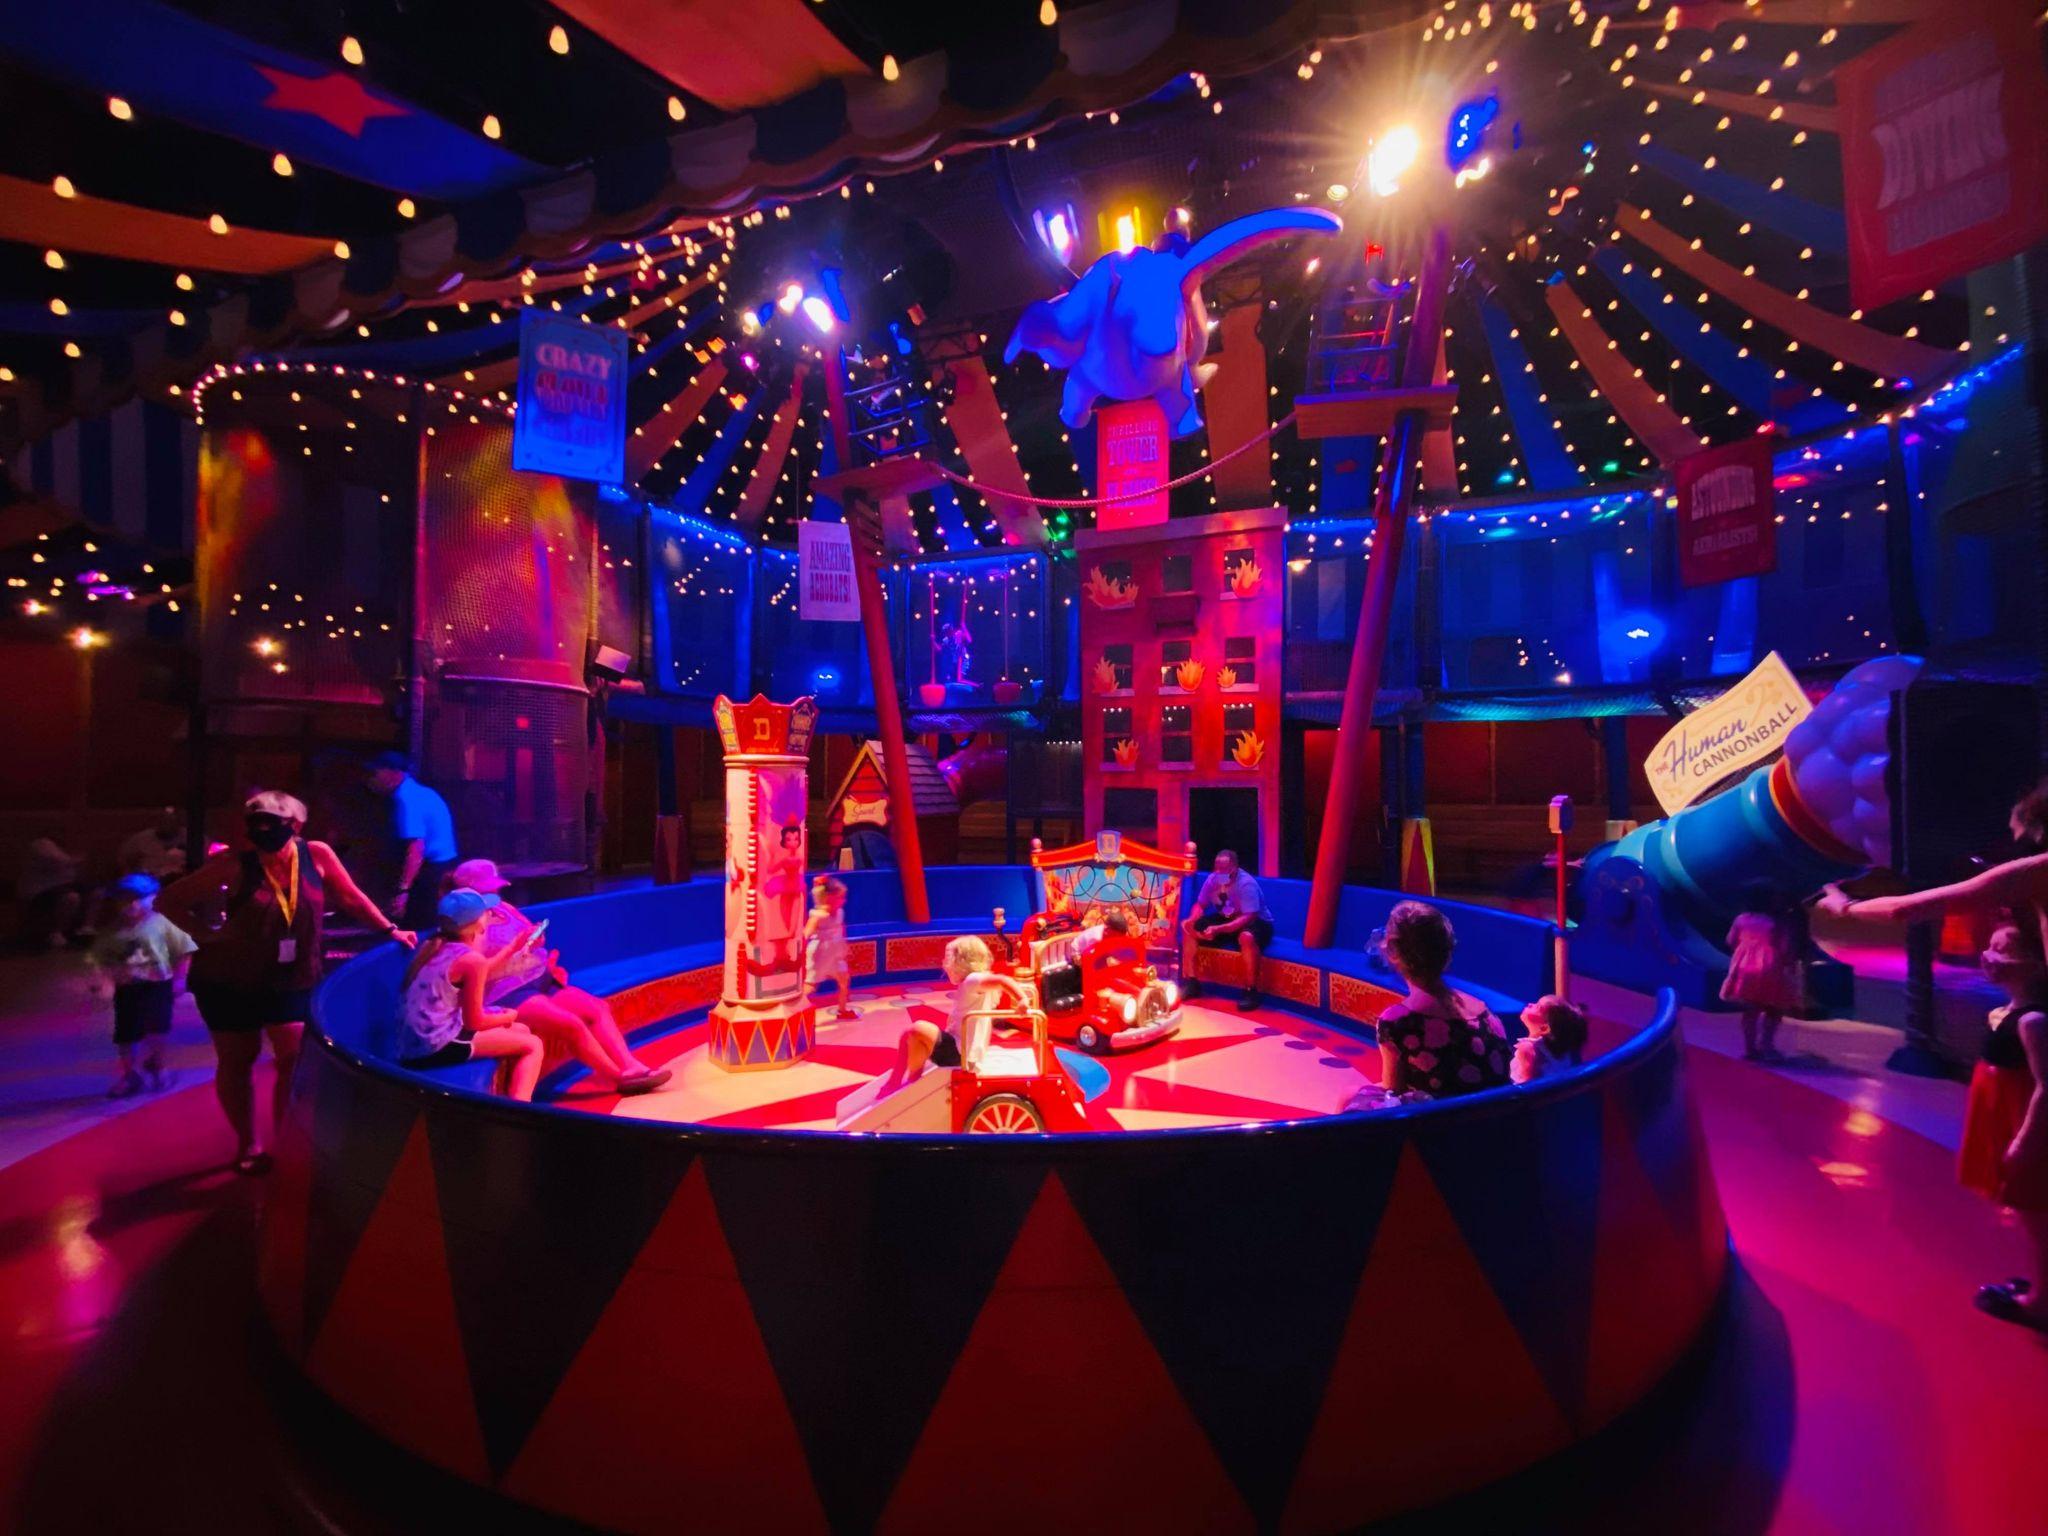 Dumbo play area